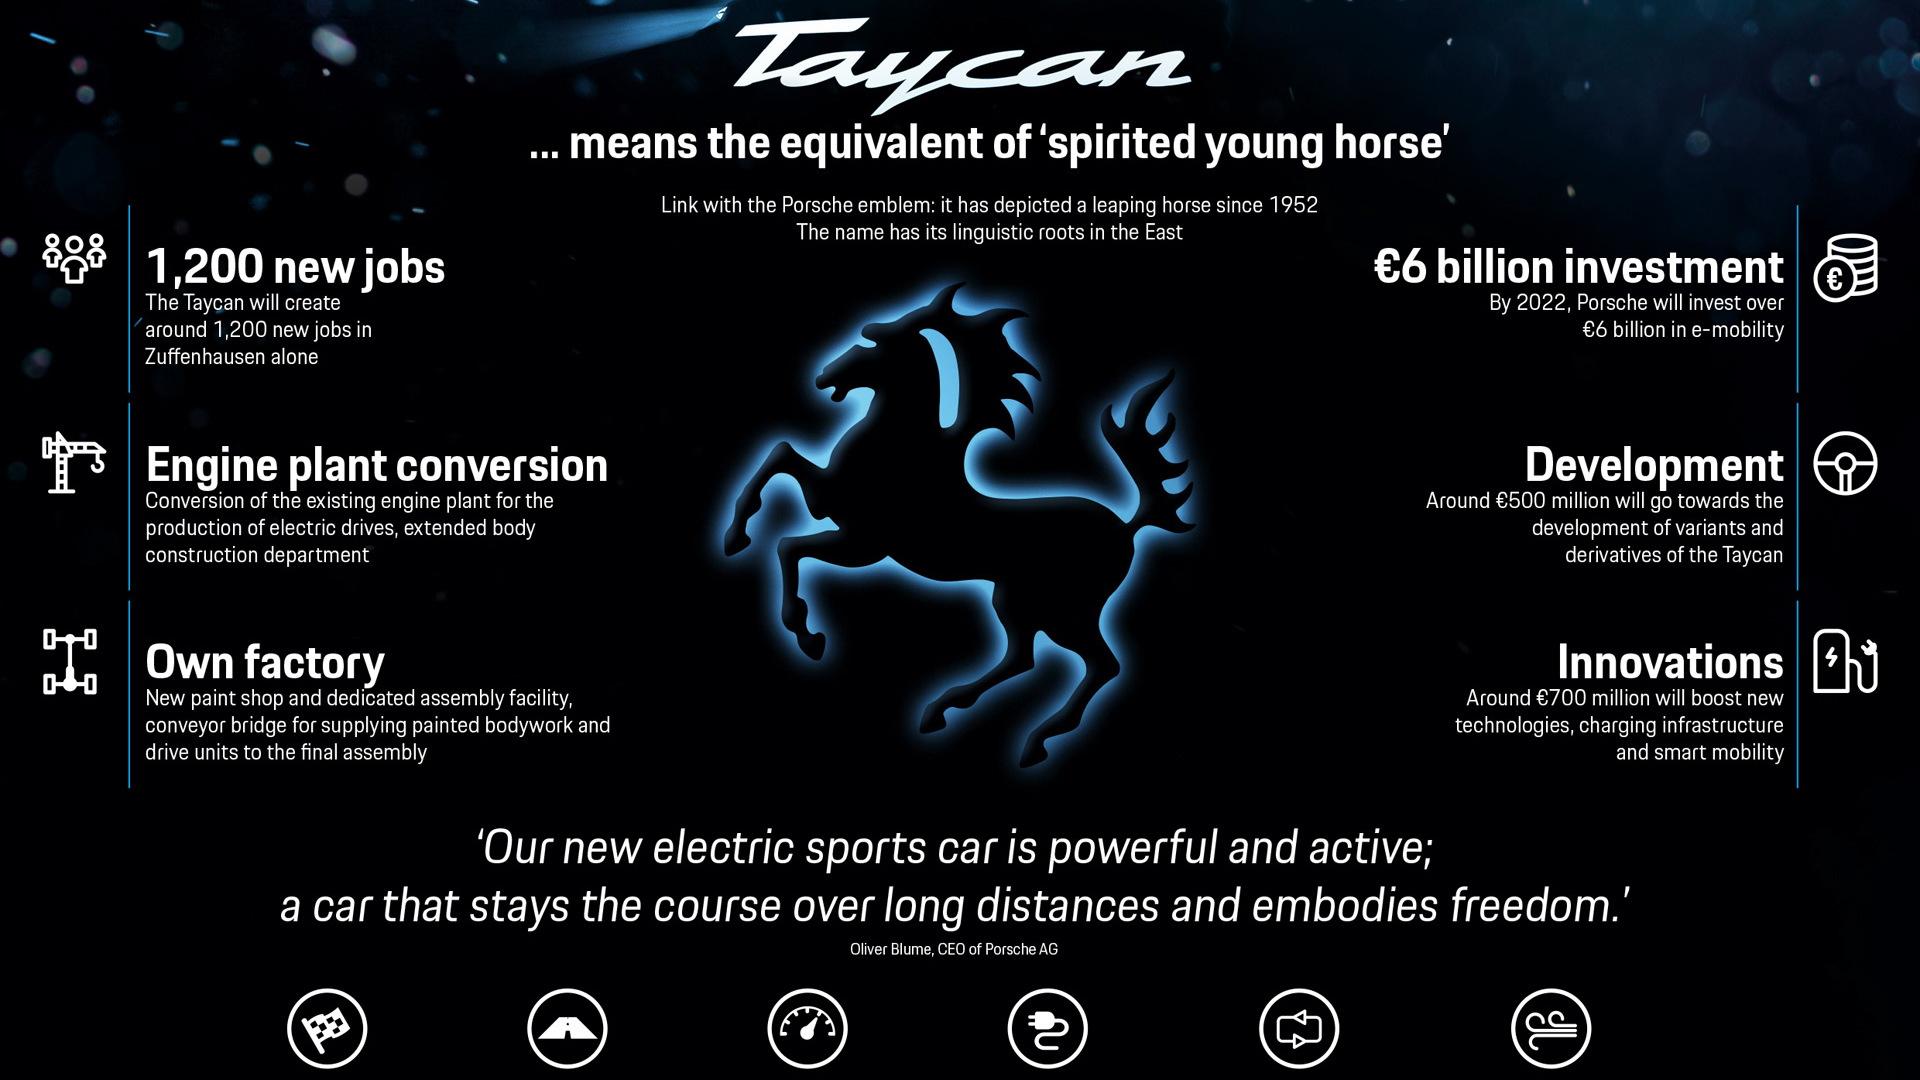 Porsche Taycan infographic